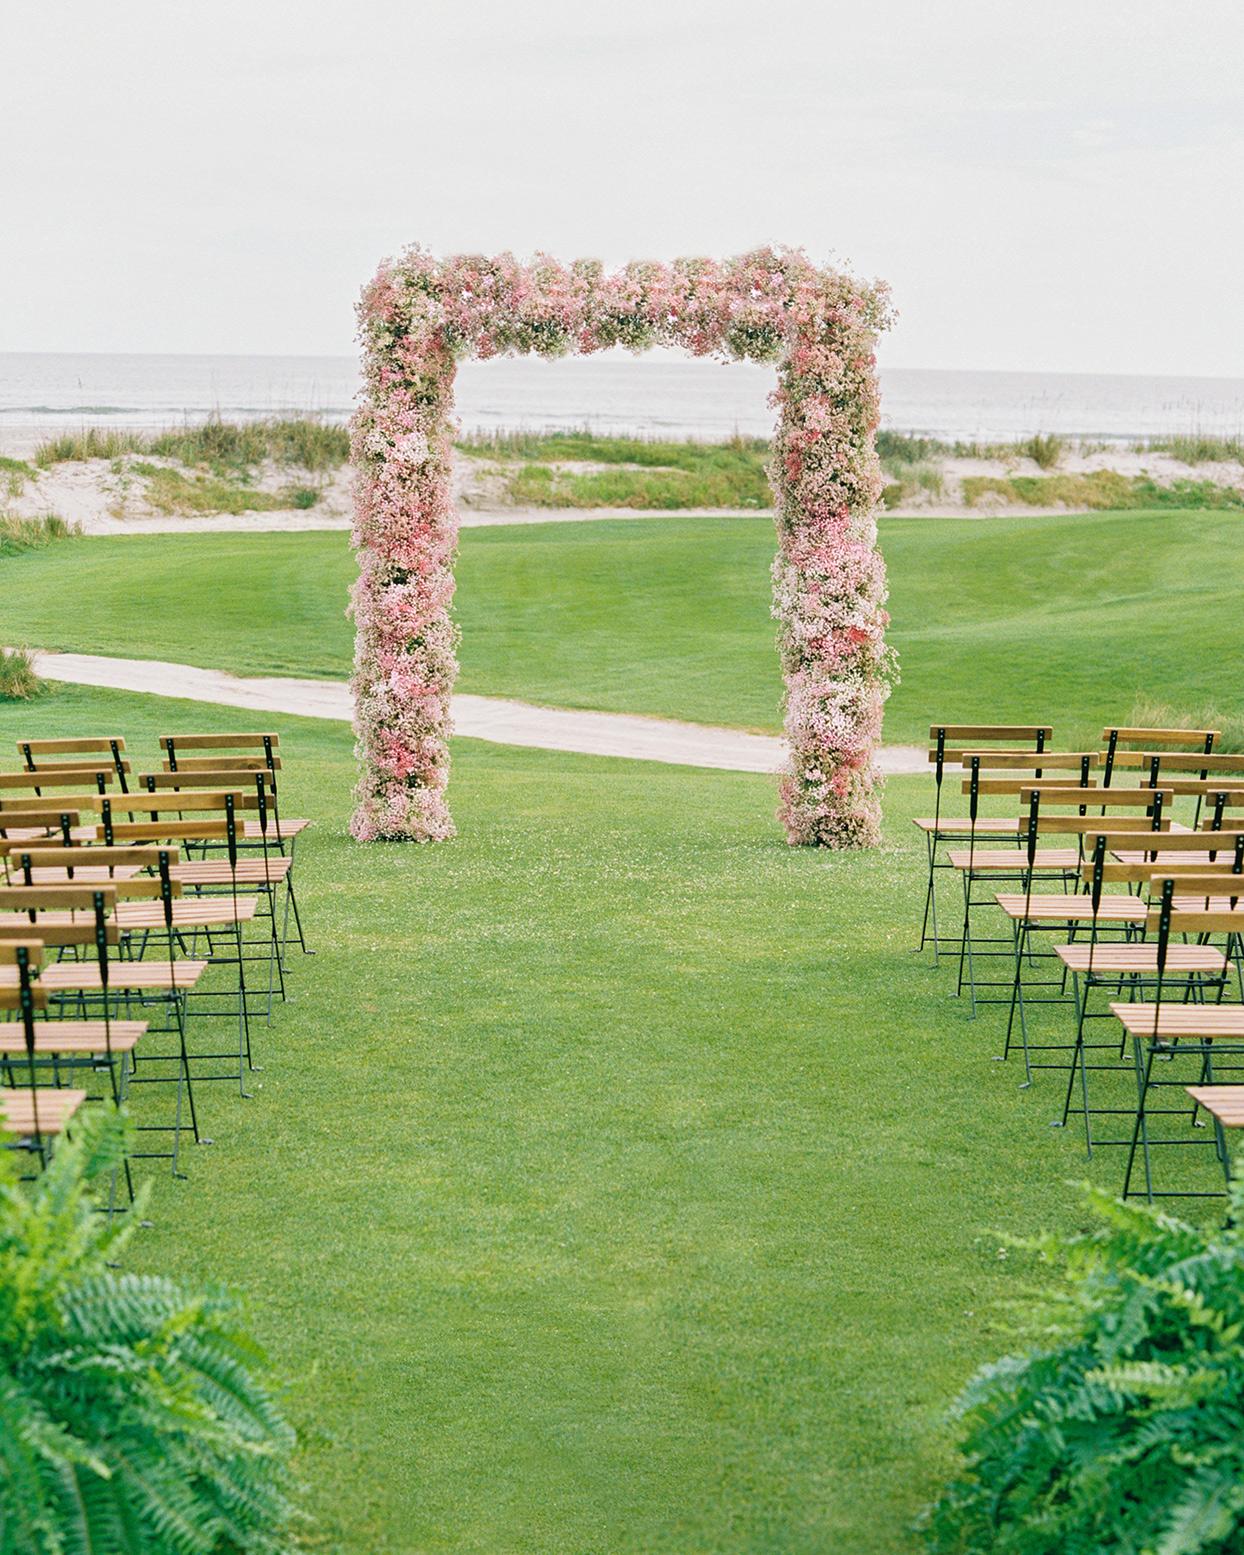 lauren dan wedding ceremony site by the water